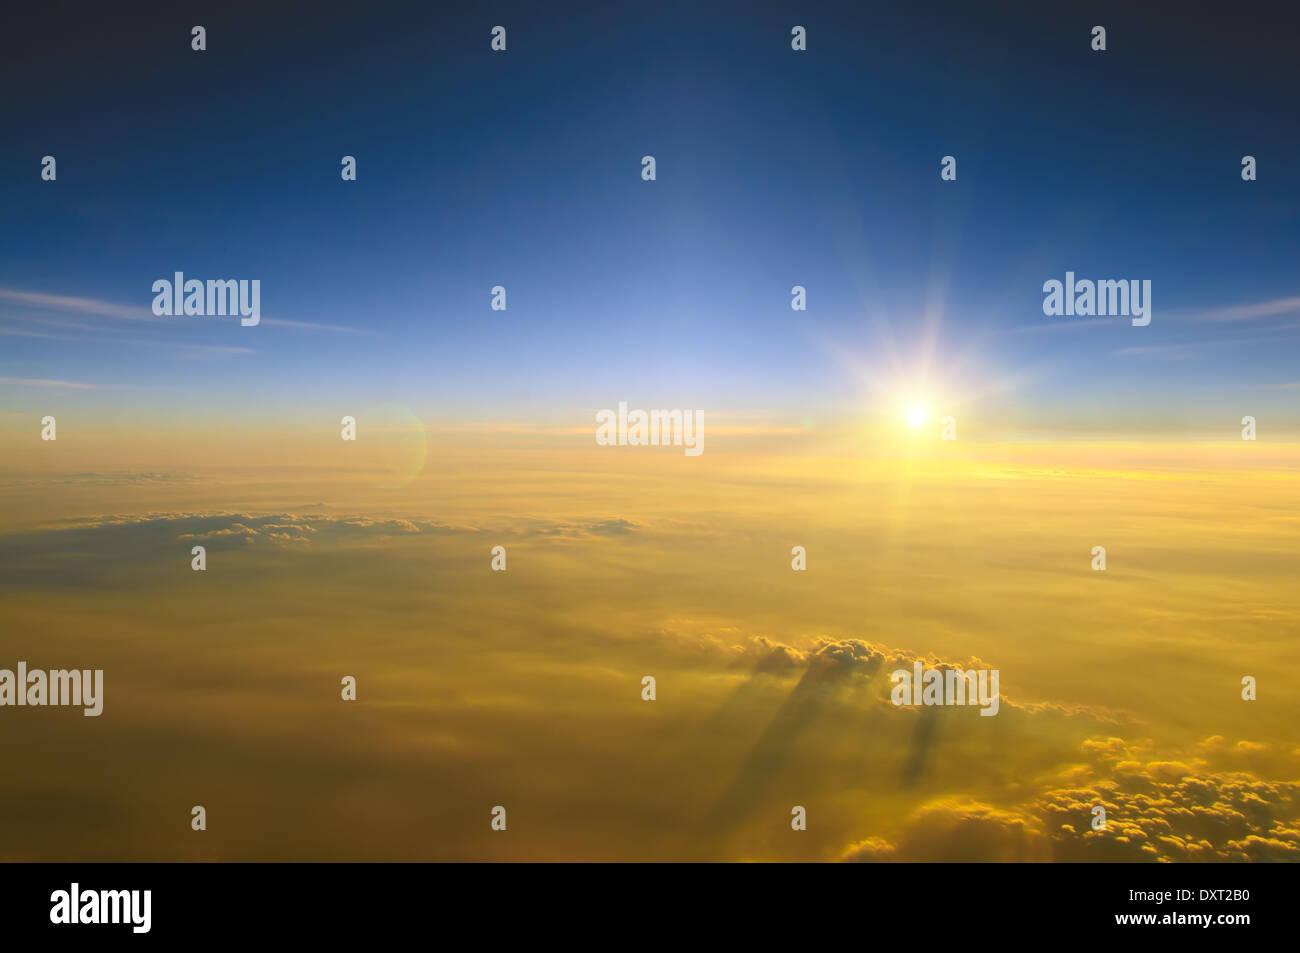 Vue spectaculaire sur le coucher du soleil au-dessus des nuages à partir de la fenêtre de l'avion Photo Stock